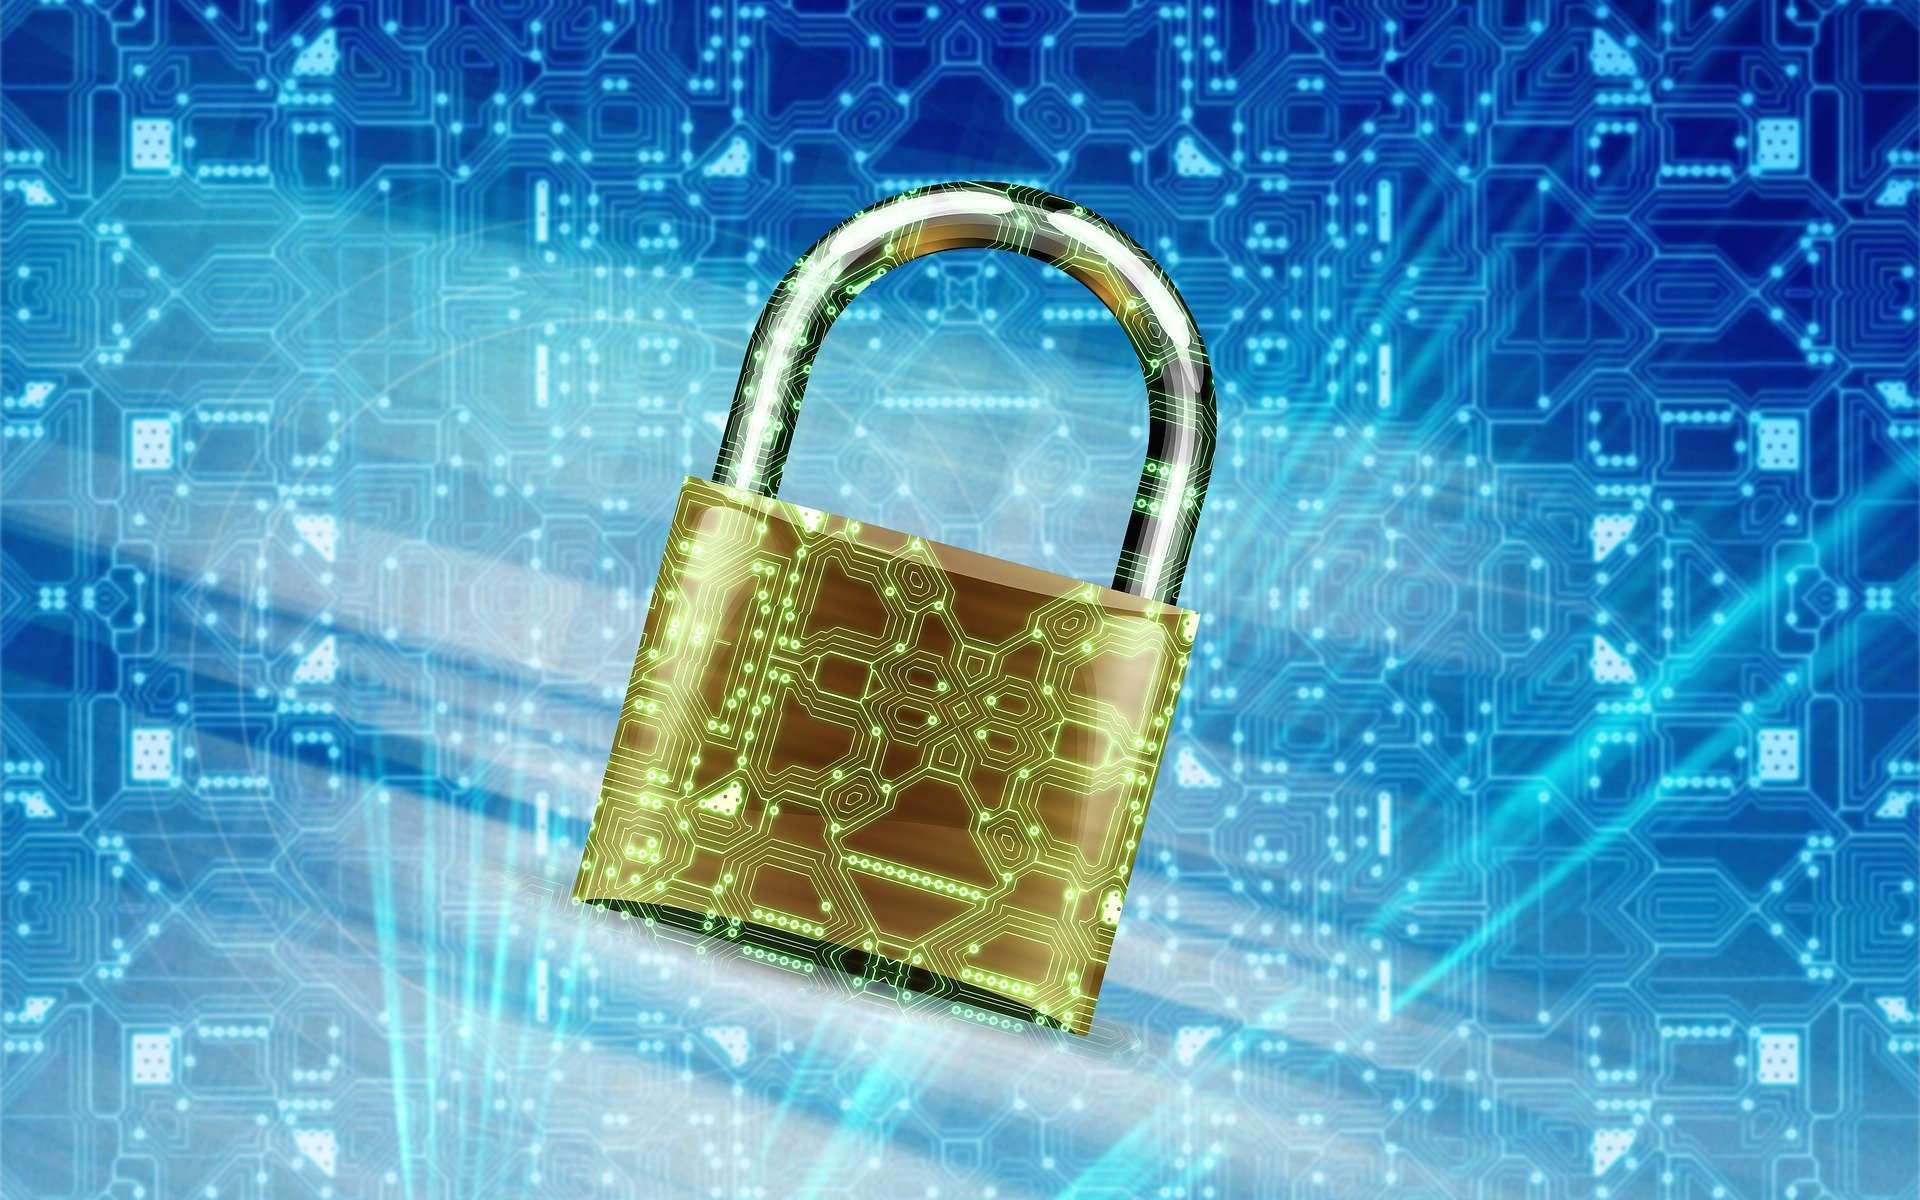 Les secrets des hackers se vendent librement sur le dark Web. © Jan Alexander, Pixabay